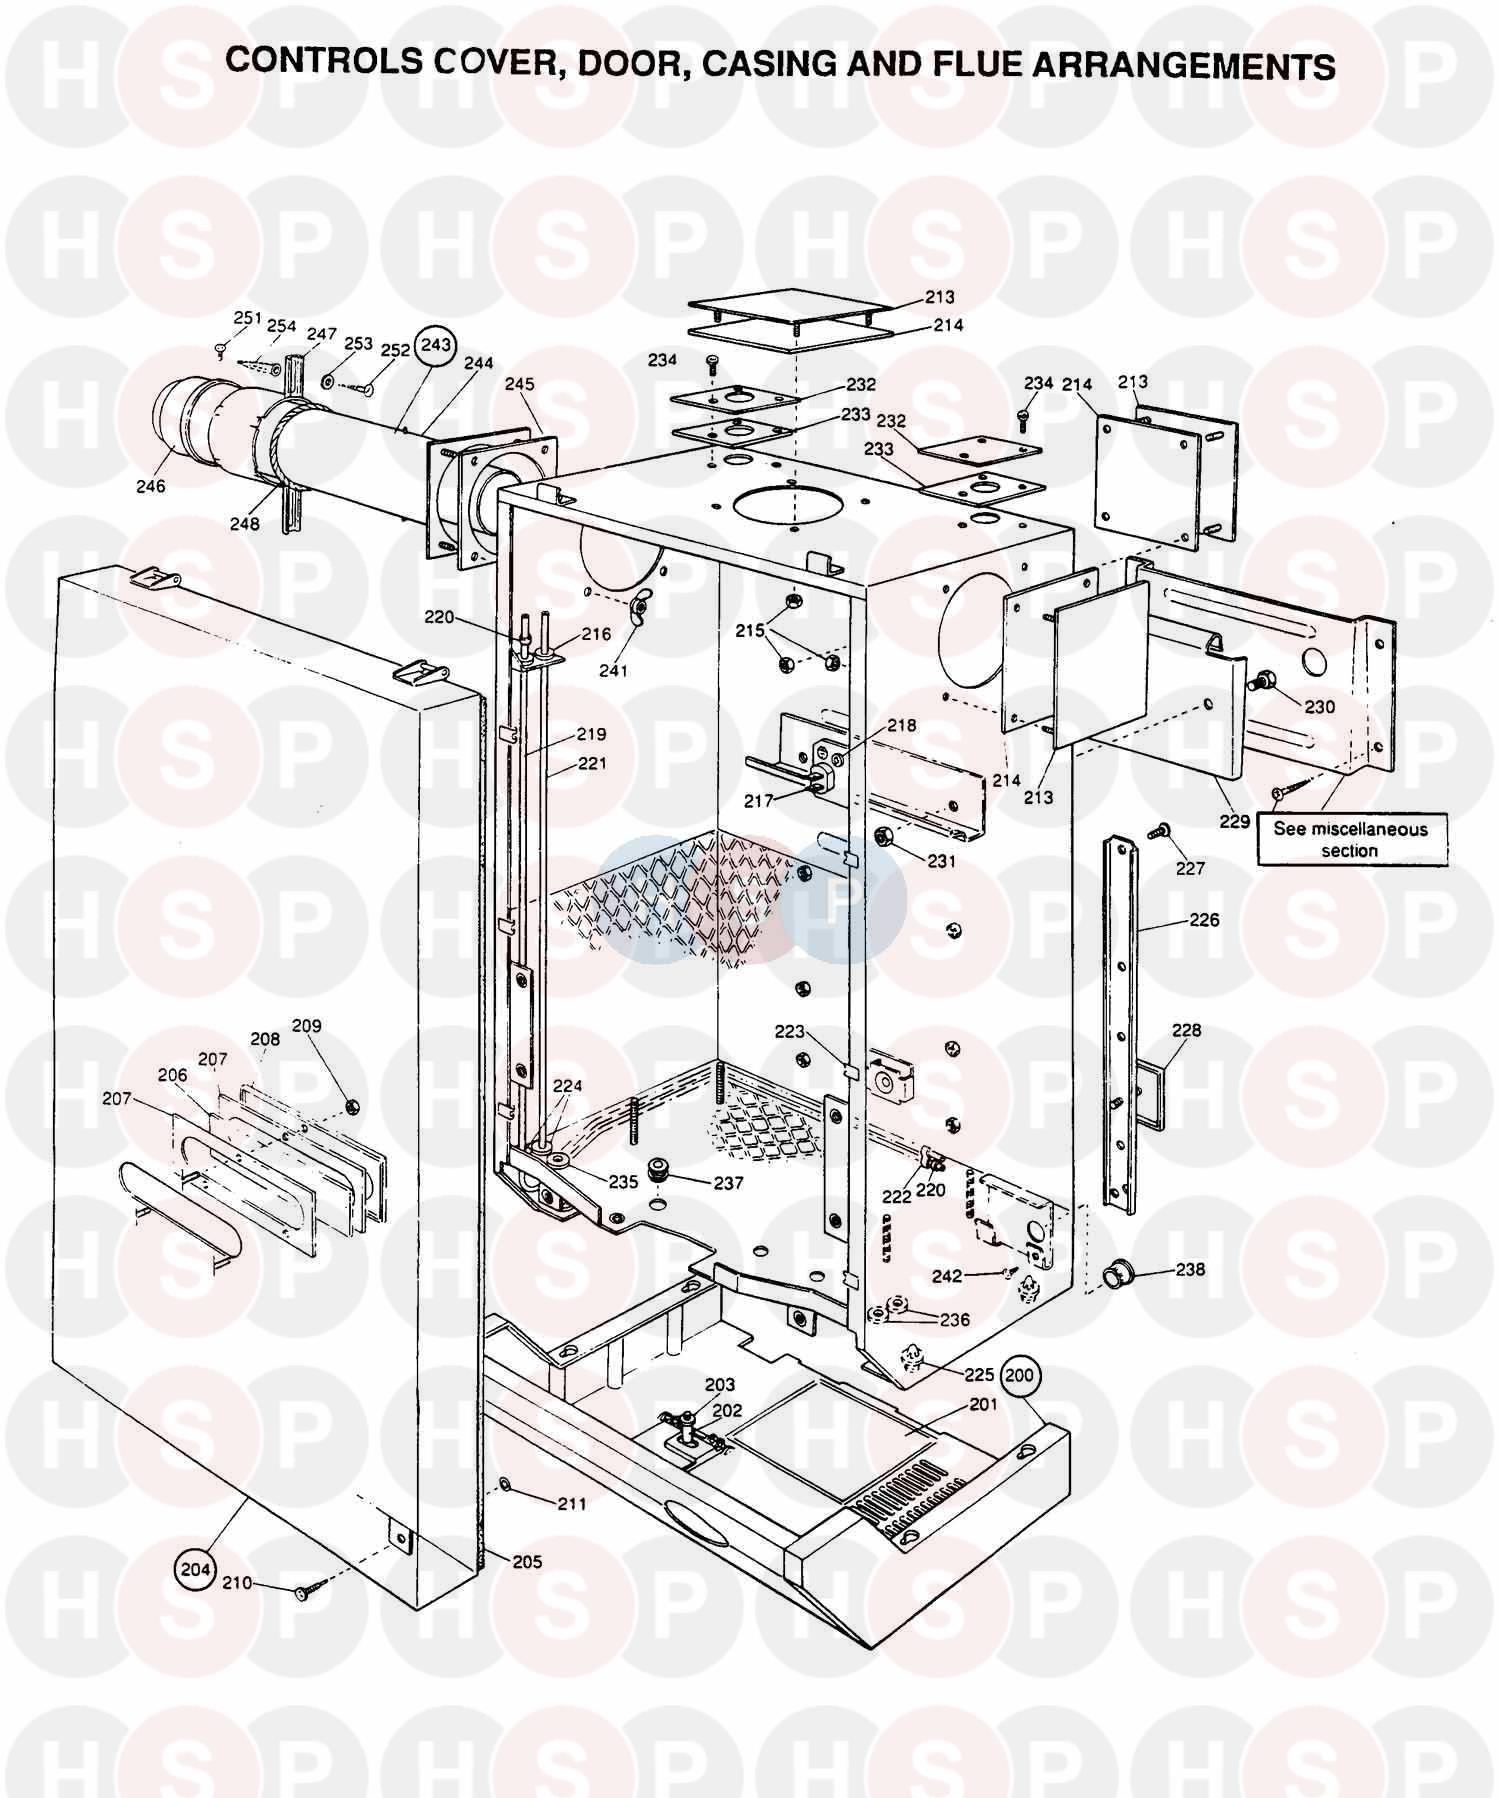 Potterton CELSIA 50 F1 (Controls Cover/Door/Casing/Flu